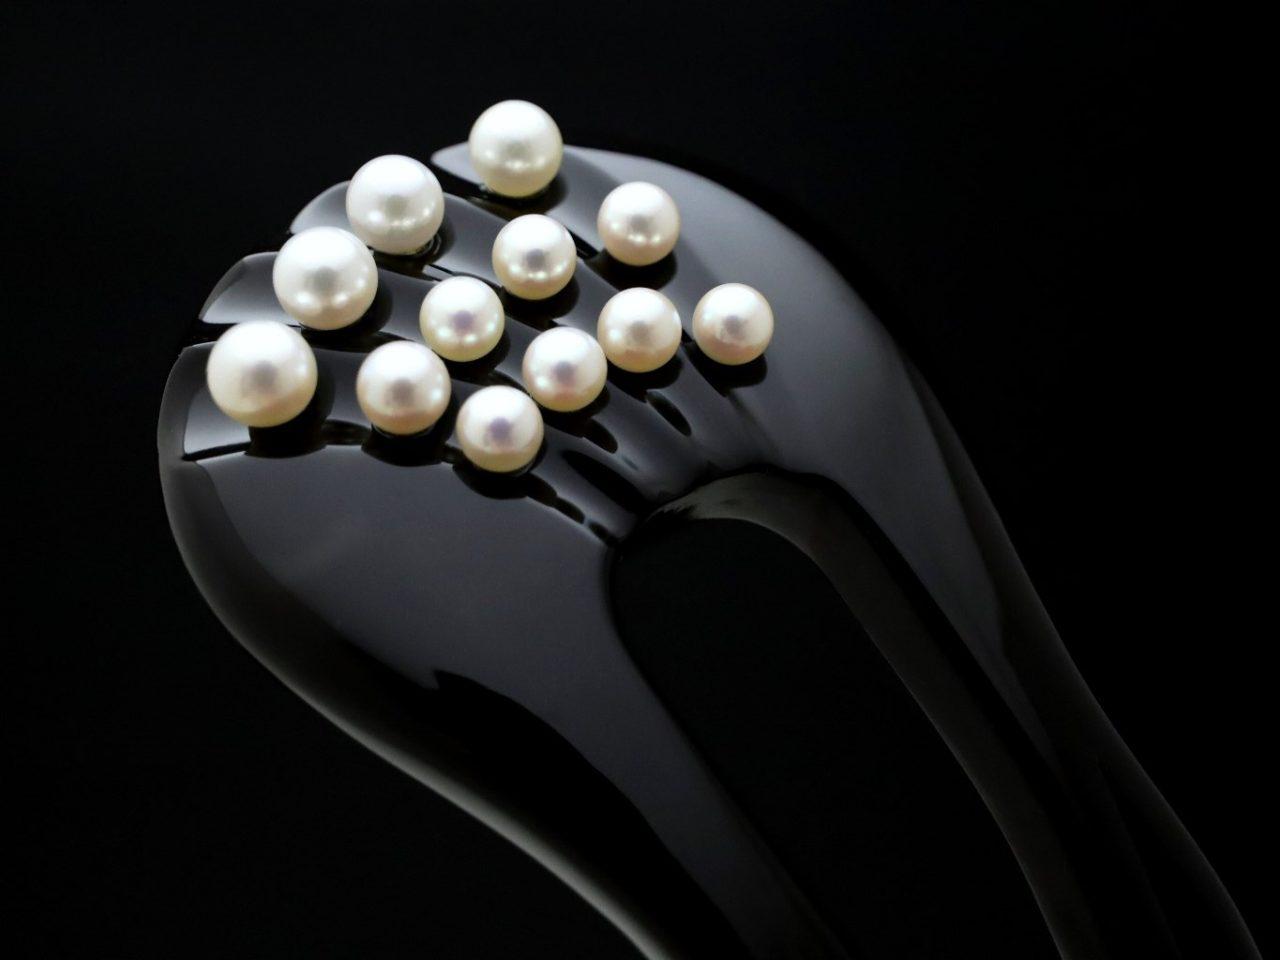 黒留袖、結婚式、おめでたい式典(ハレの日)などにお勧めな礼装用べっ甲かんざし 黒べっ甲アコヤパール12個付きかんざし2020。